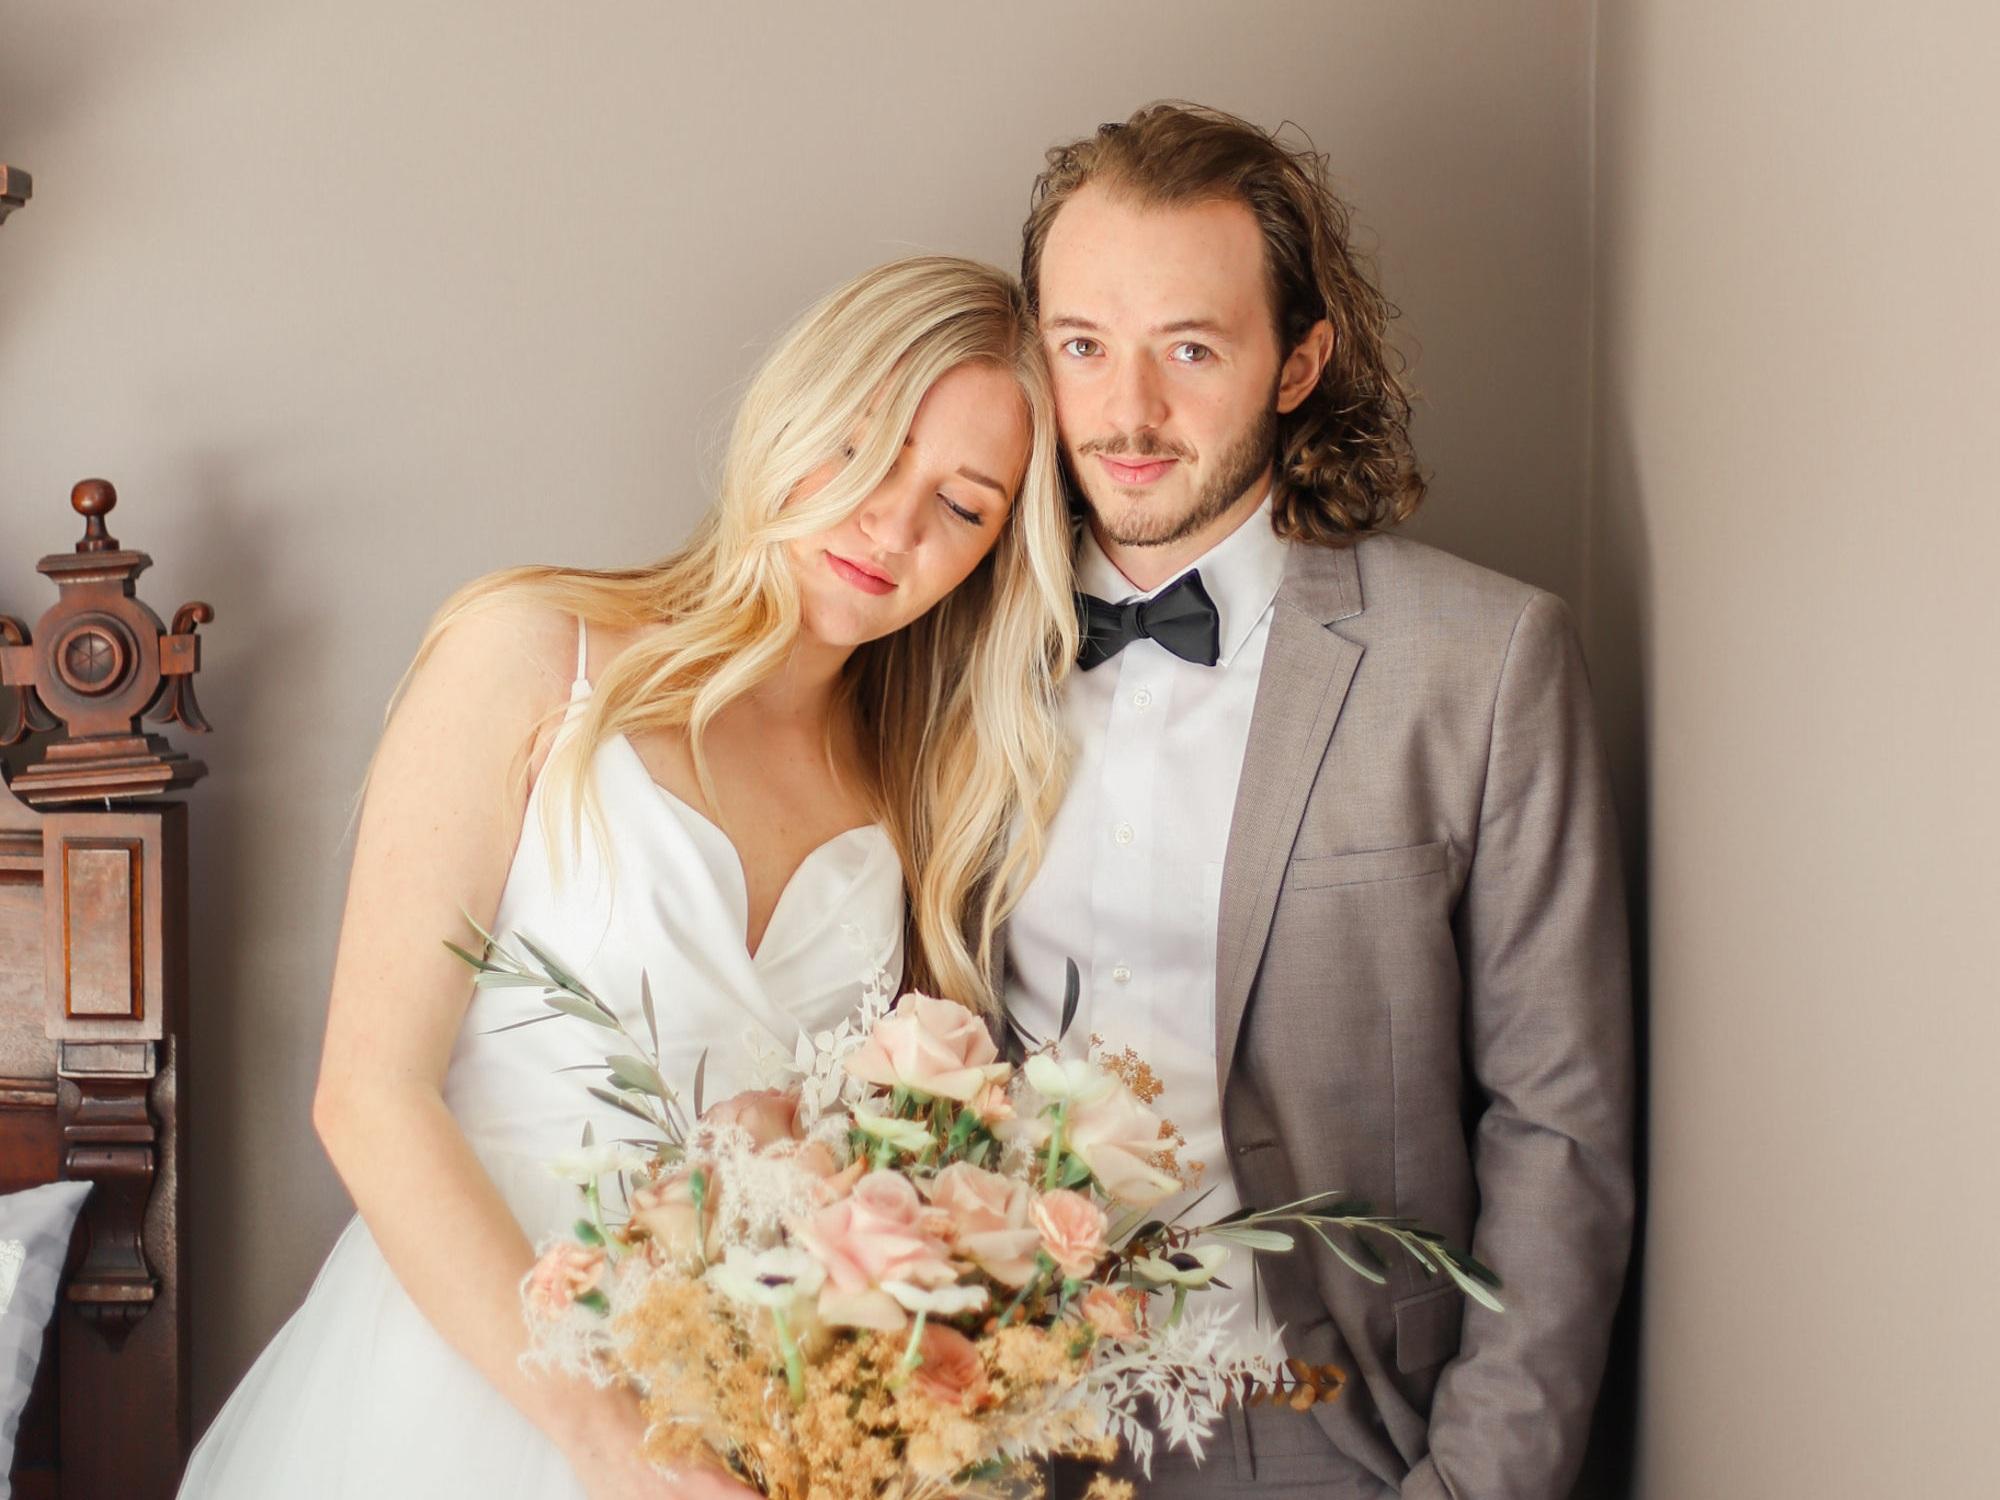 jennifer-hayward%2Croanoke-wedding-photographer%2Croanoke-maternity-photographer-80.jpg